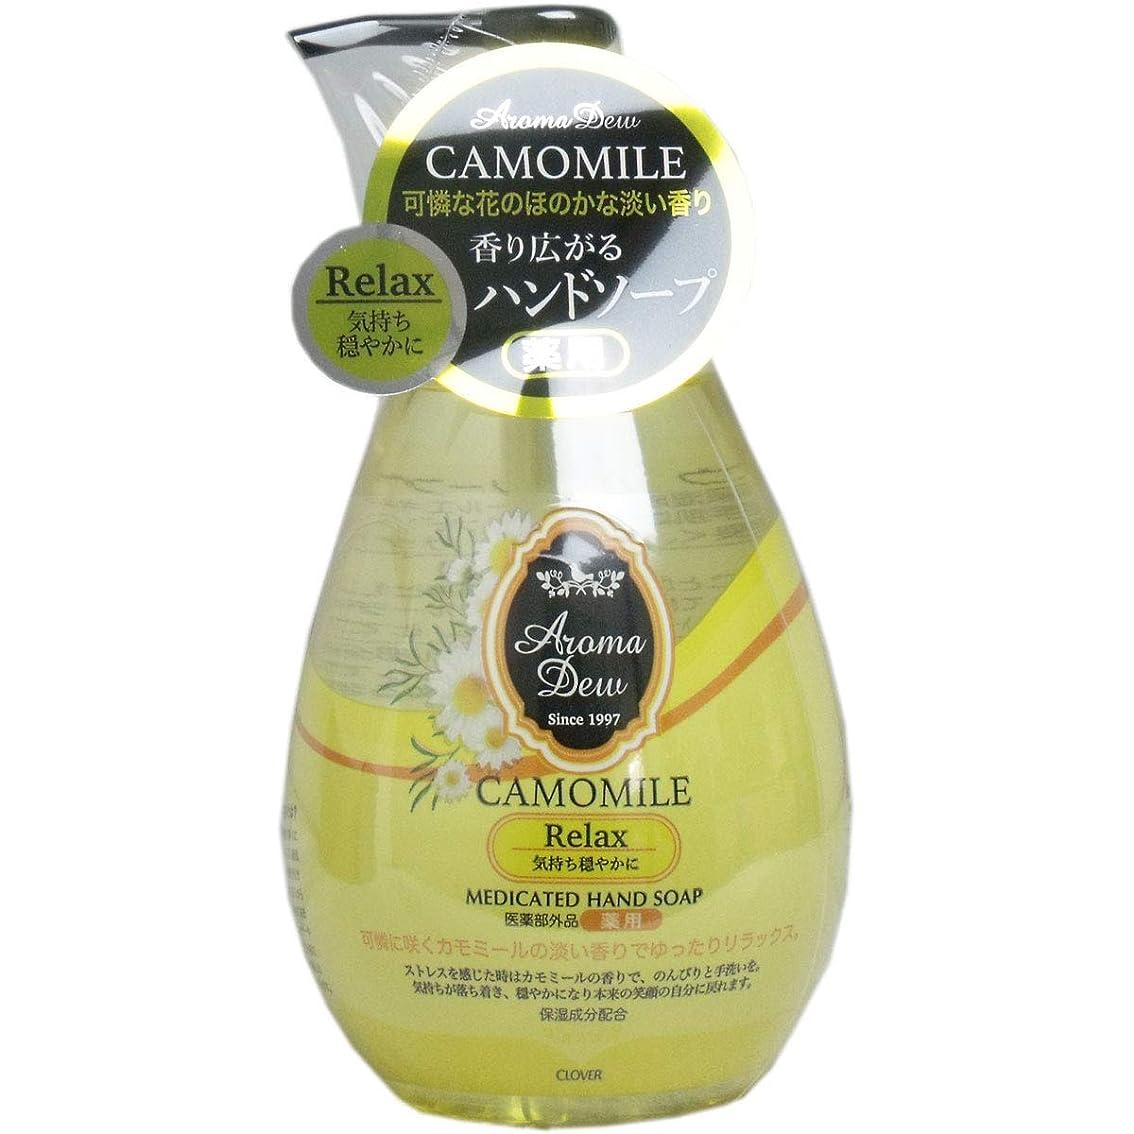 薬用アロマデュウ ハンドソープ カモミールの香り 260mL×5個セット(管理番号 4901498104415)